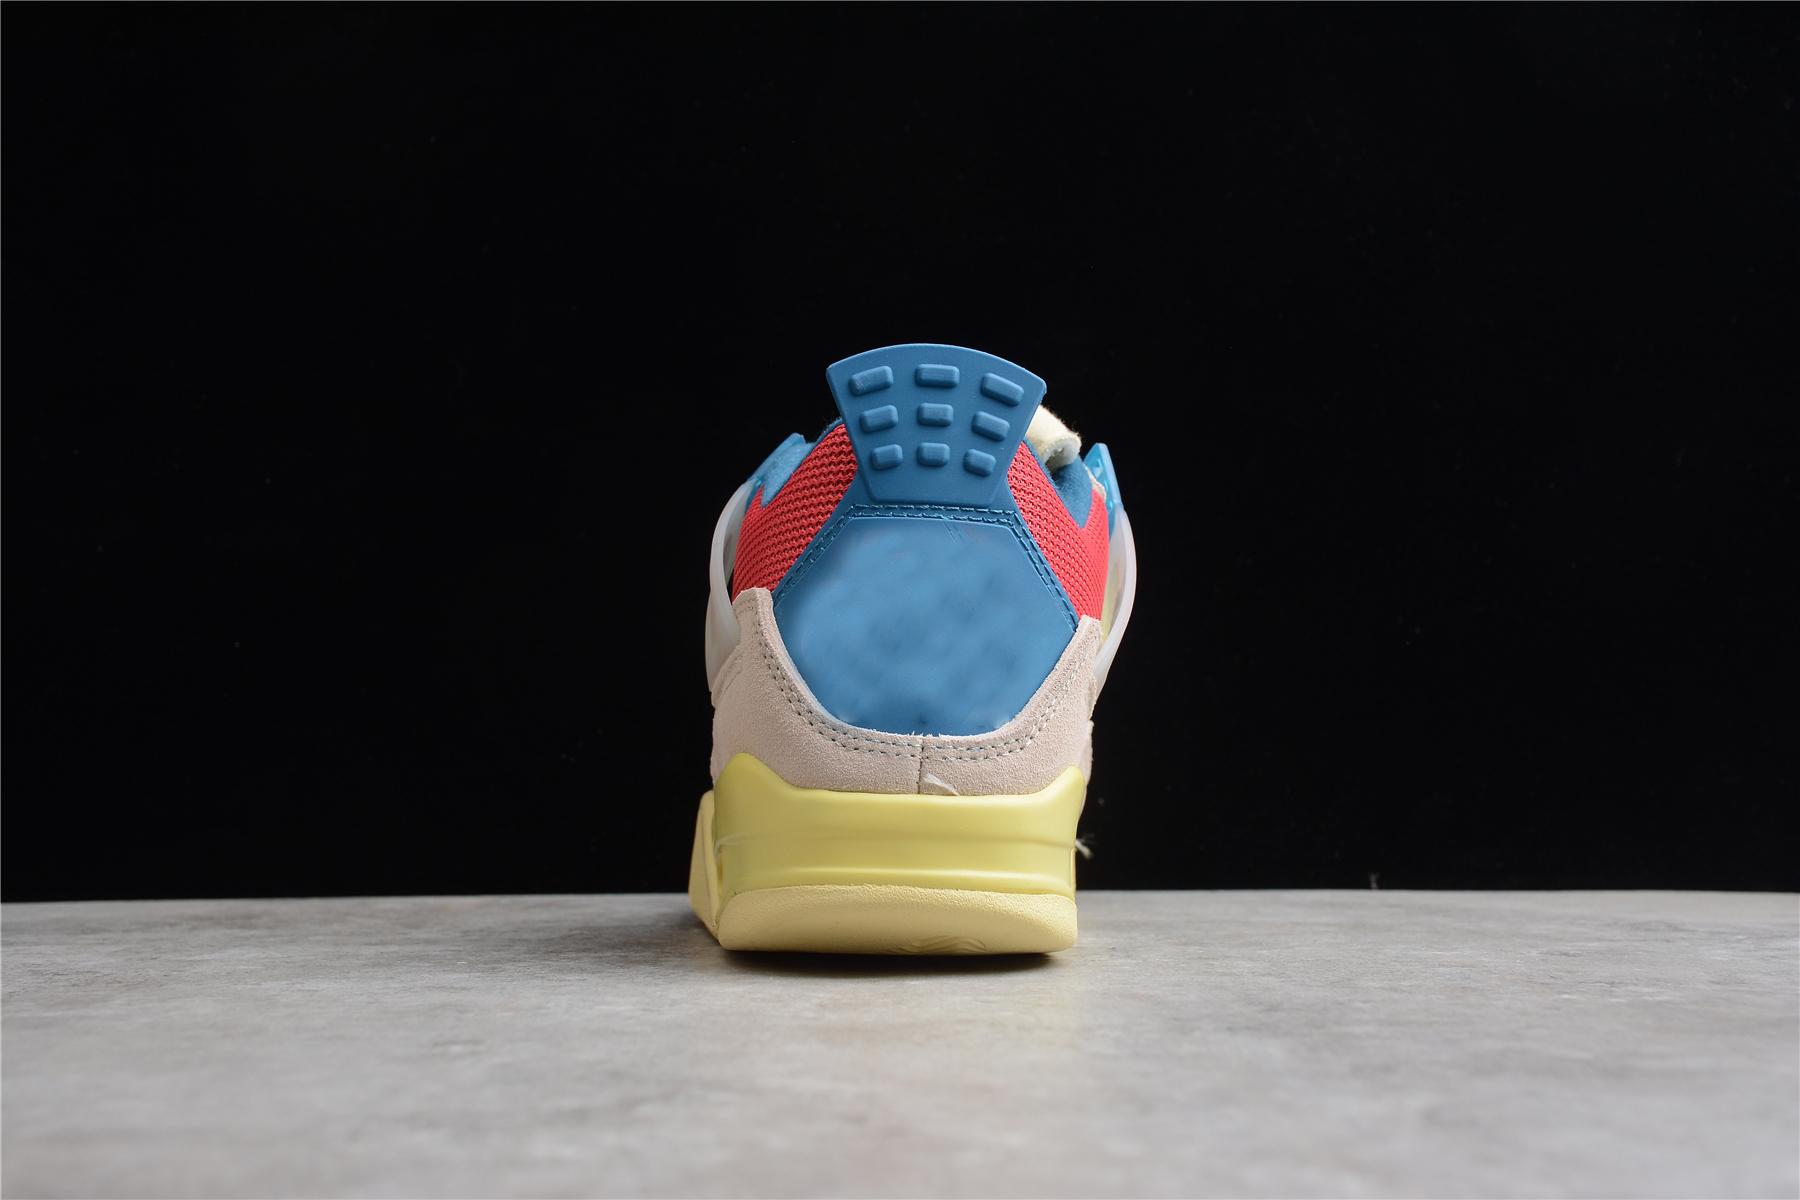 Высокое качество 1:1 Ретро 4S университет синий; Модная повседневная мужская и женская баскетбольная Повседневная обувь; Кроссовки; Сезон лето